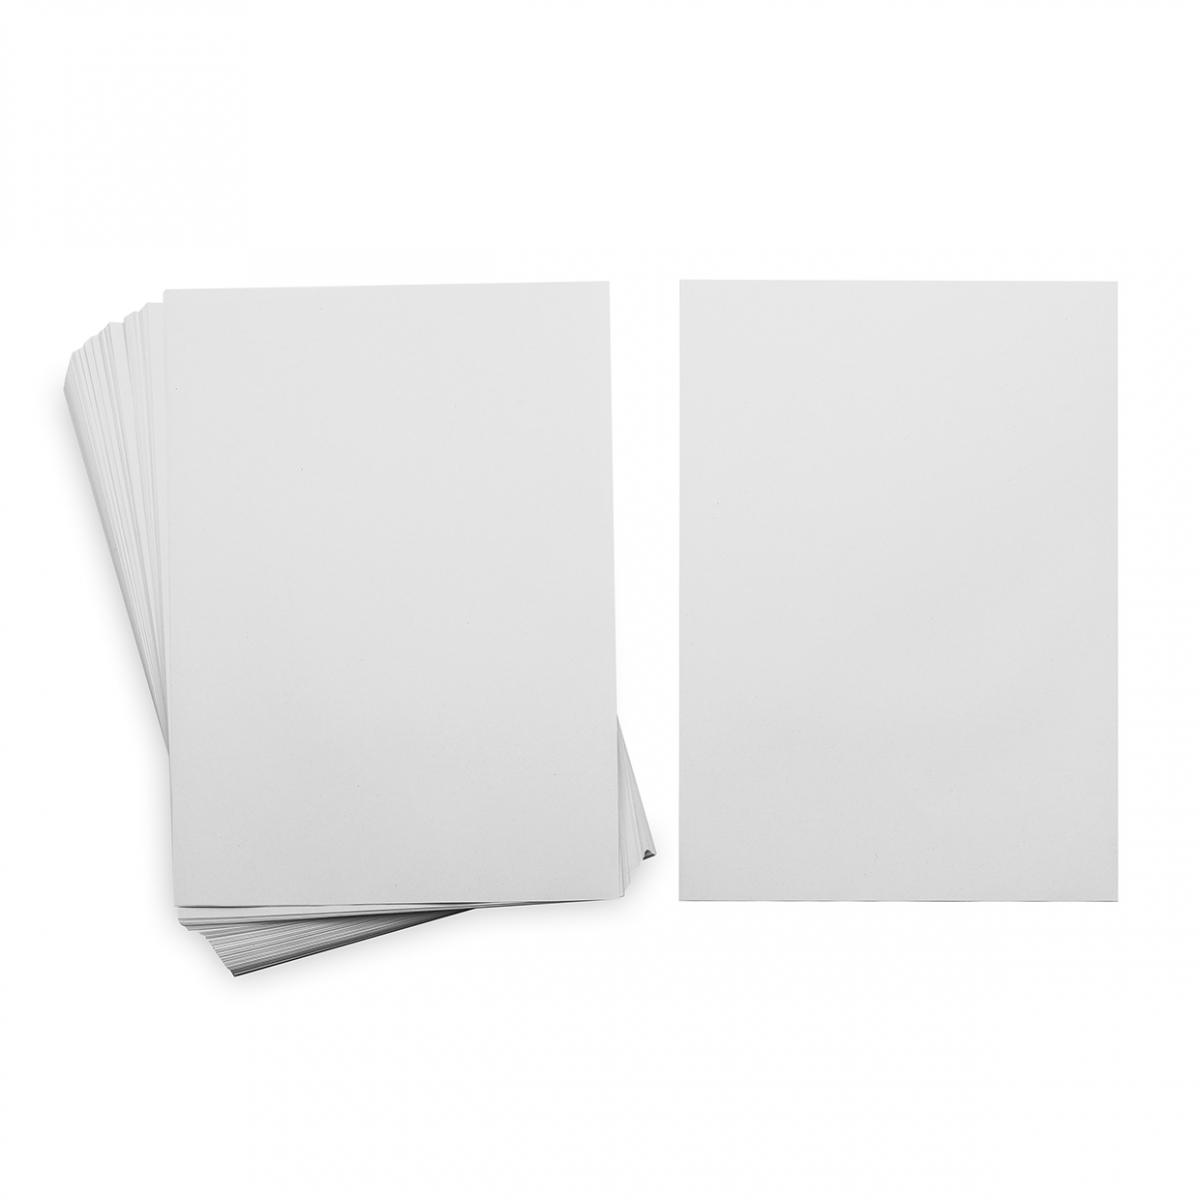 Imagen en la que se ve un conjunto de folios de papel